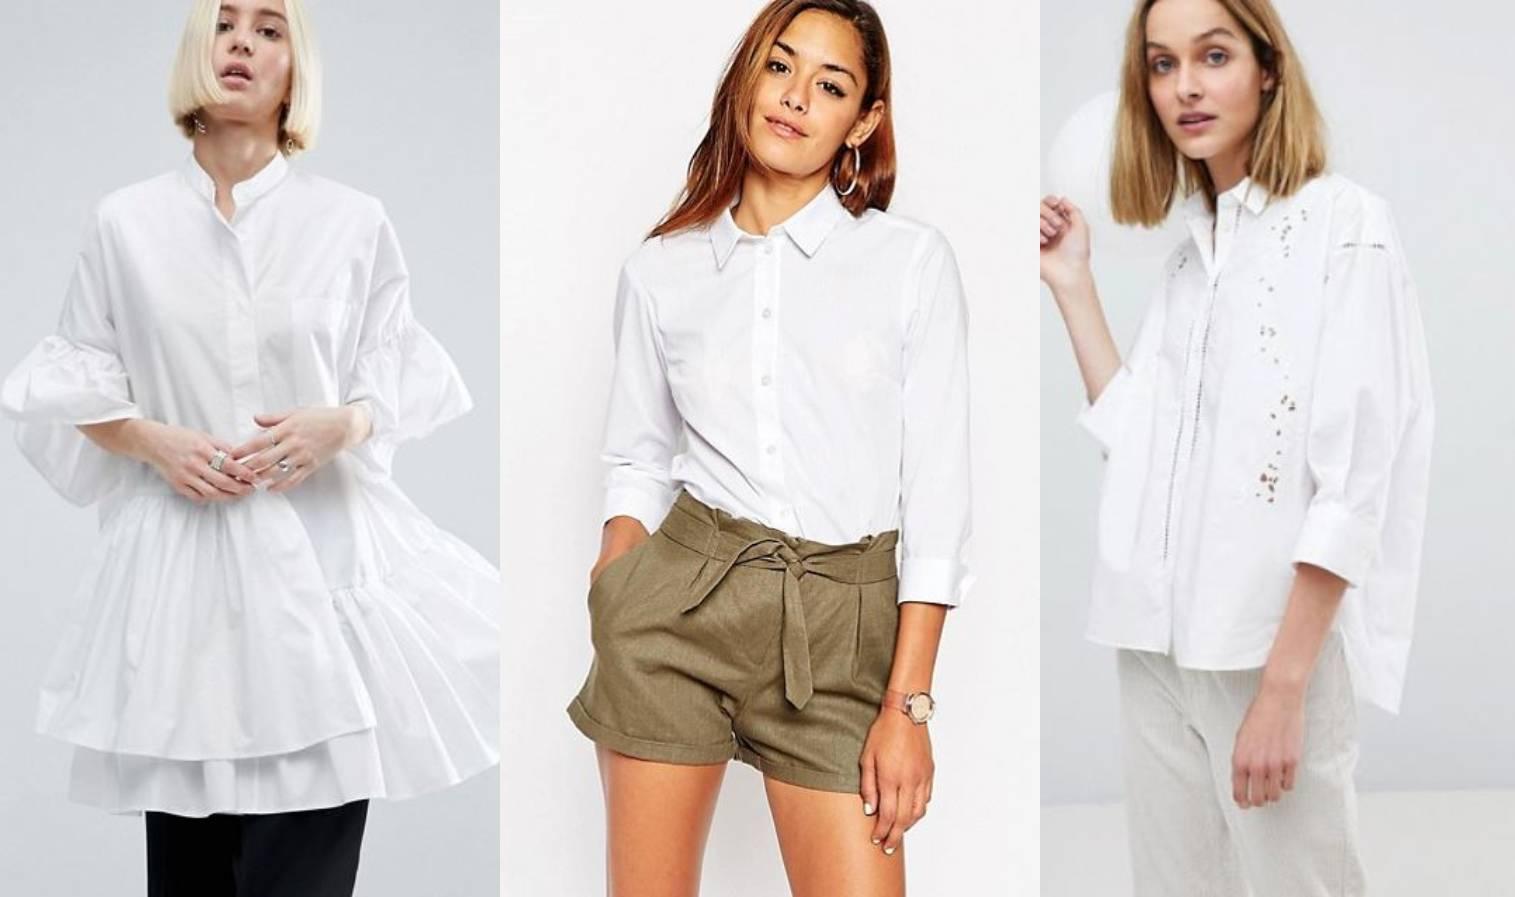 Tako raznolika: Osam dnevnih kombinacija s bijelom košuljom